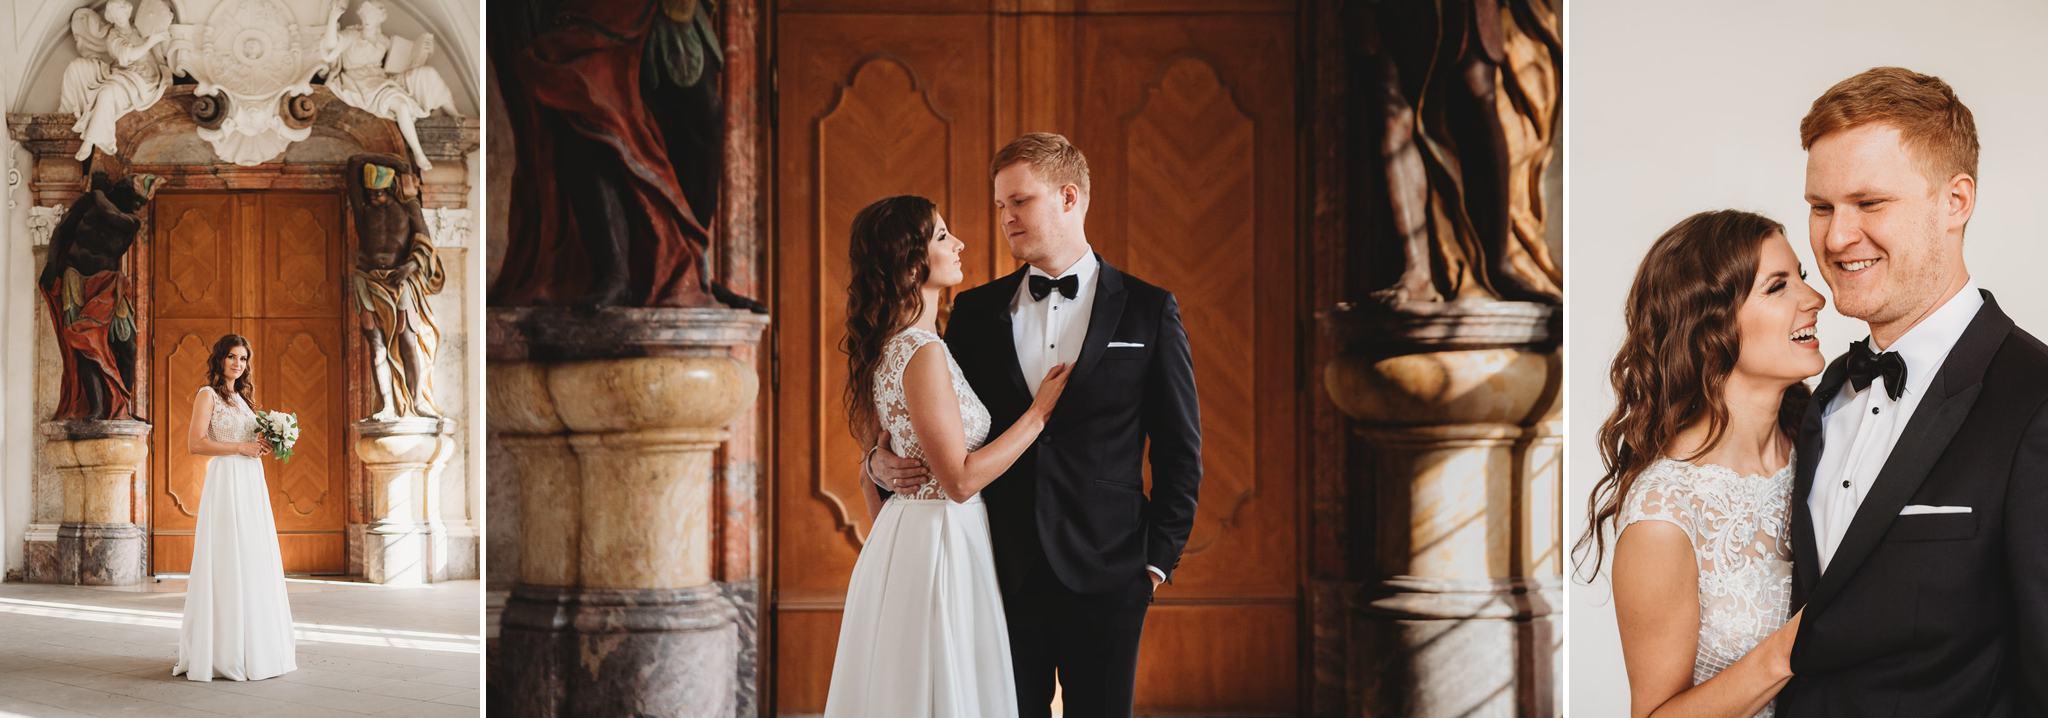 Dorota i Tomasz-wesele Hotel Kristoff Kalisz, sesja ślubna w Lubiążu 405